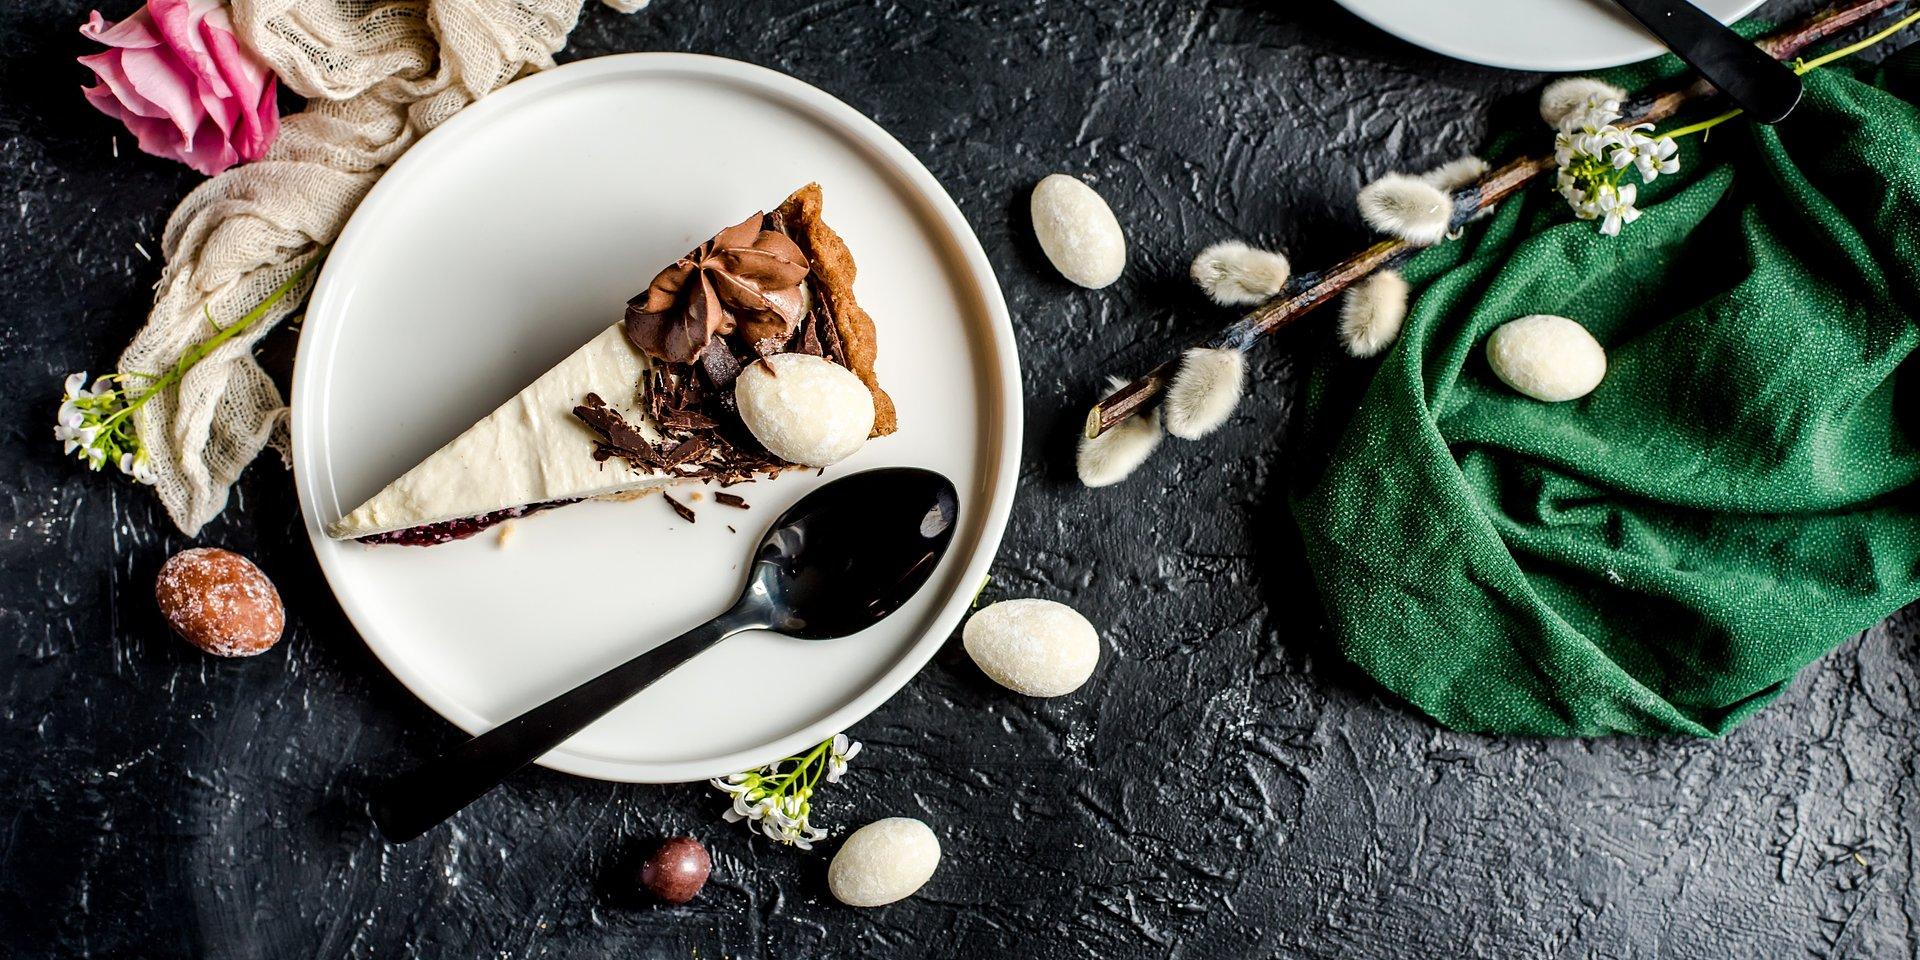 Wielkanocna tradycja z twistem. Zaskocz wszystkich wypiekami o smaku chałwy!